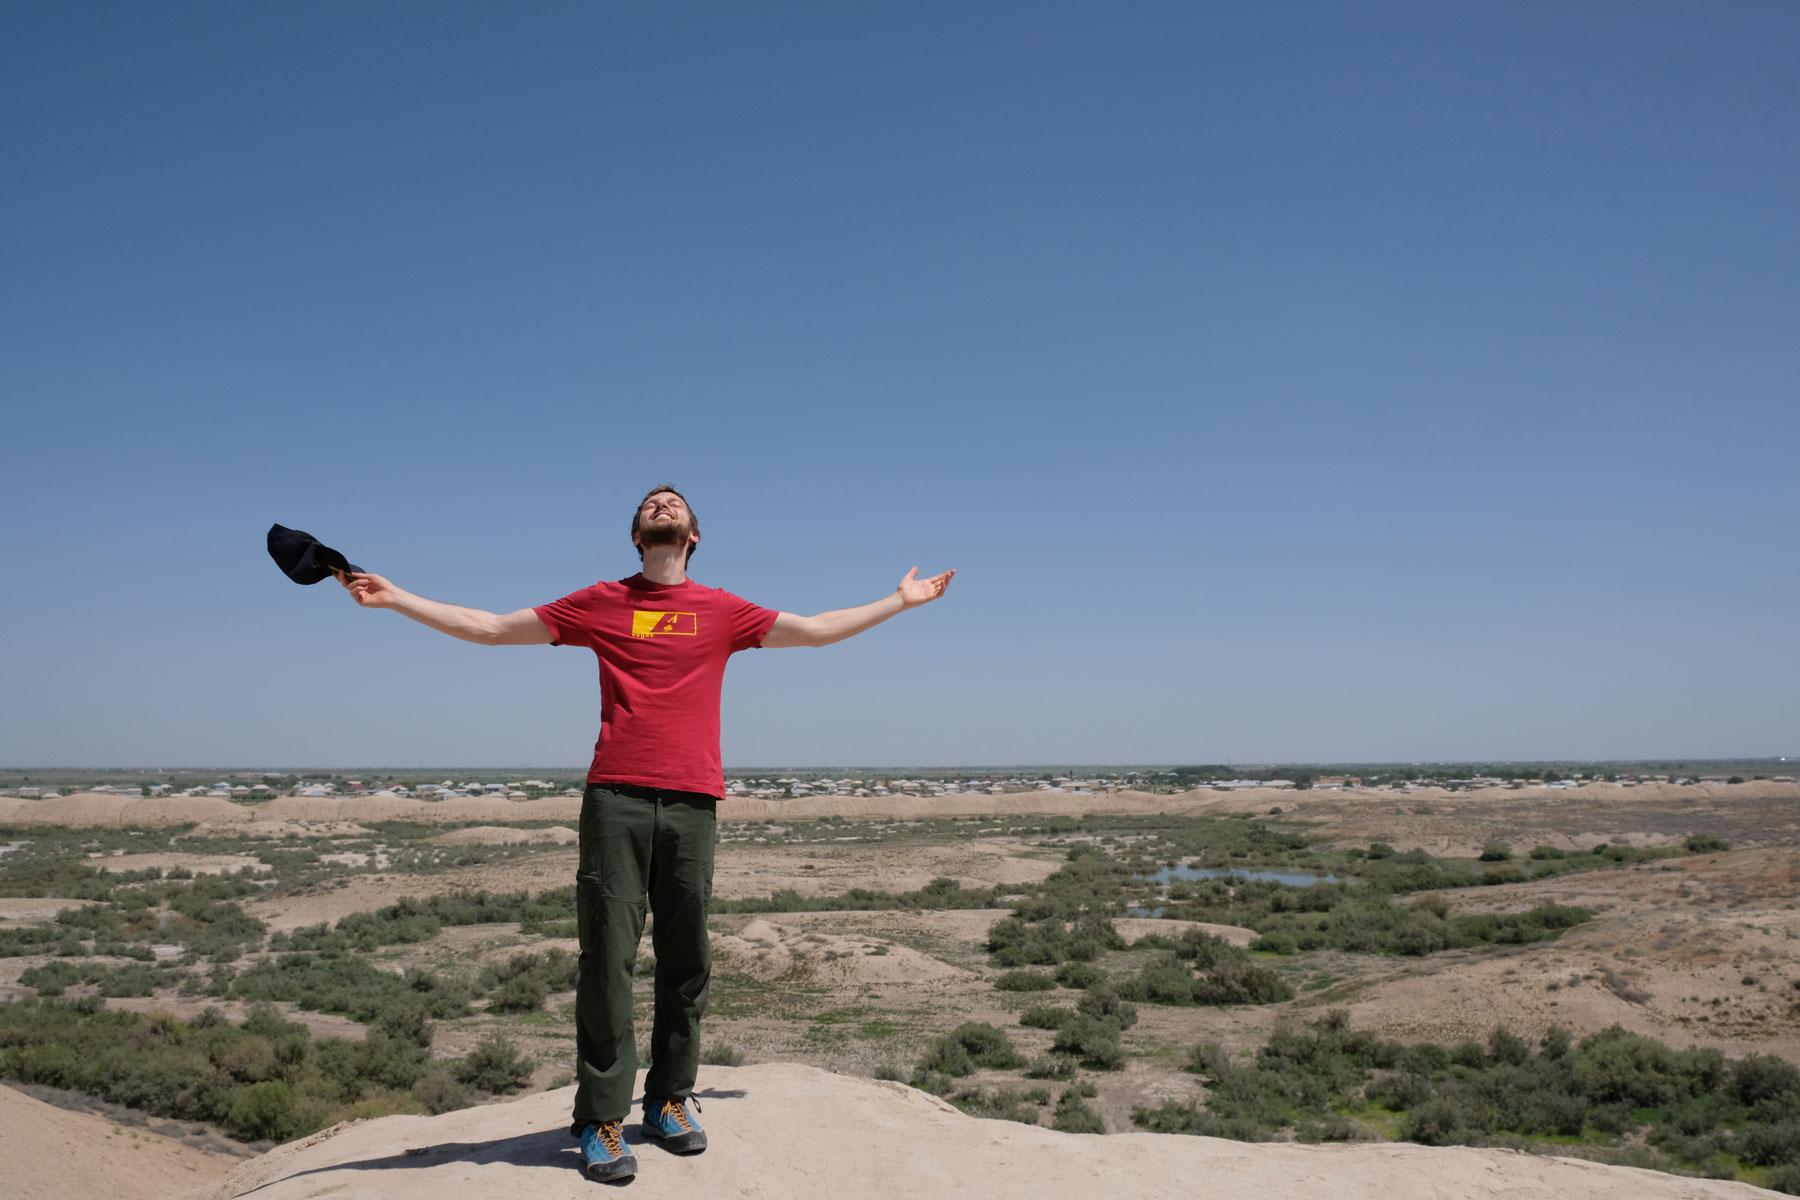 Sebastian vor einer Wüstenlandschaft